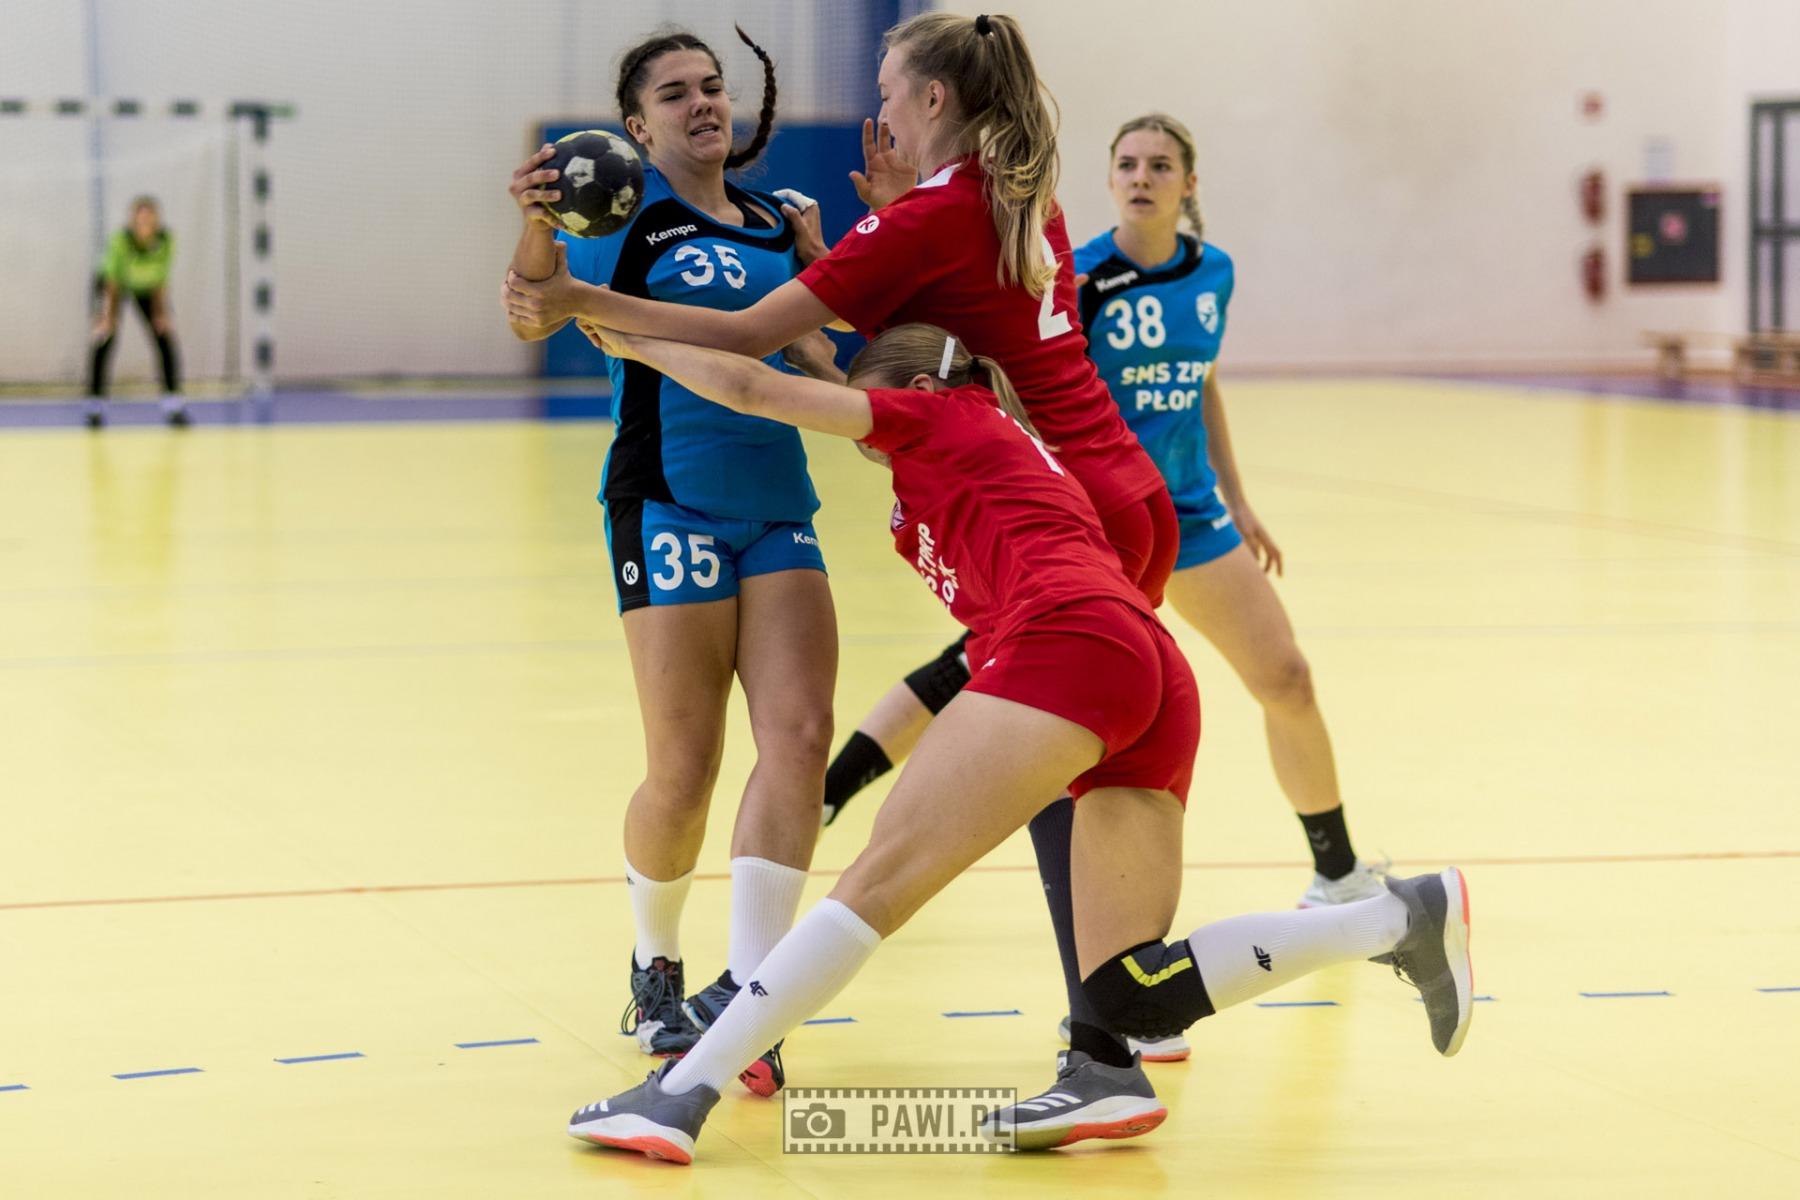 SMS ZPRP I Płock – SMS ZPRP II Płock 33:22 (17:13) – piłka ręczna, I liga kobiet, grupa A, sezon 2020/2021